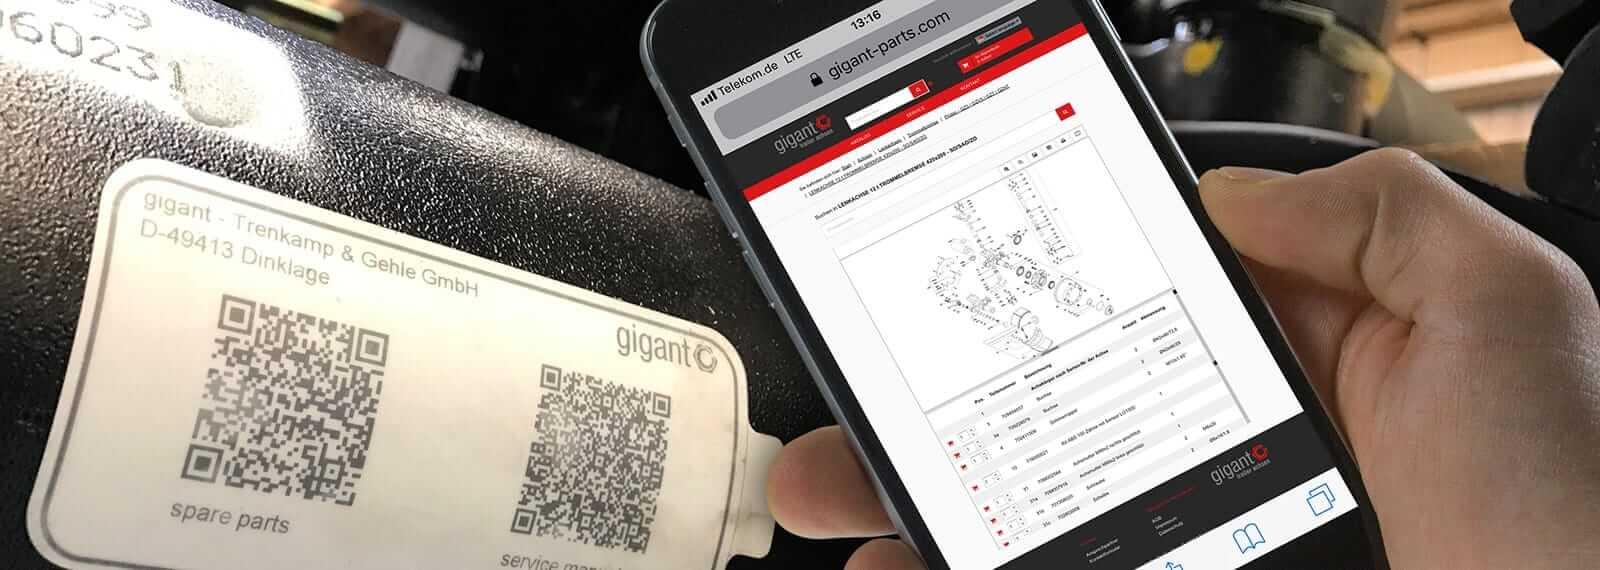 QR-Code scannen und direkt Details zur Achse erhalten